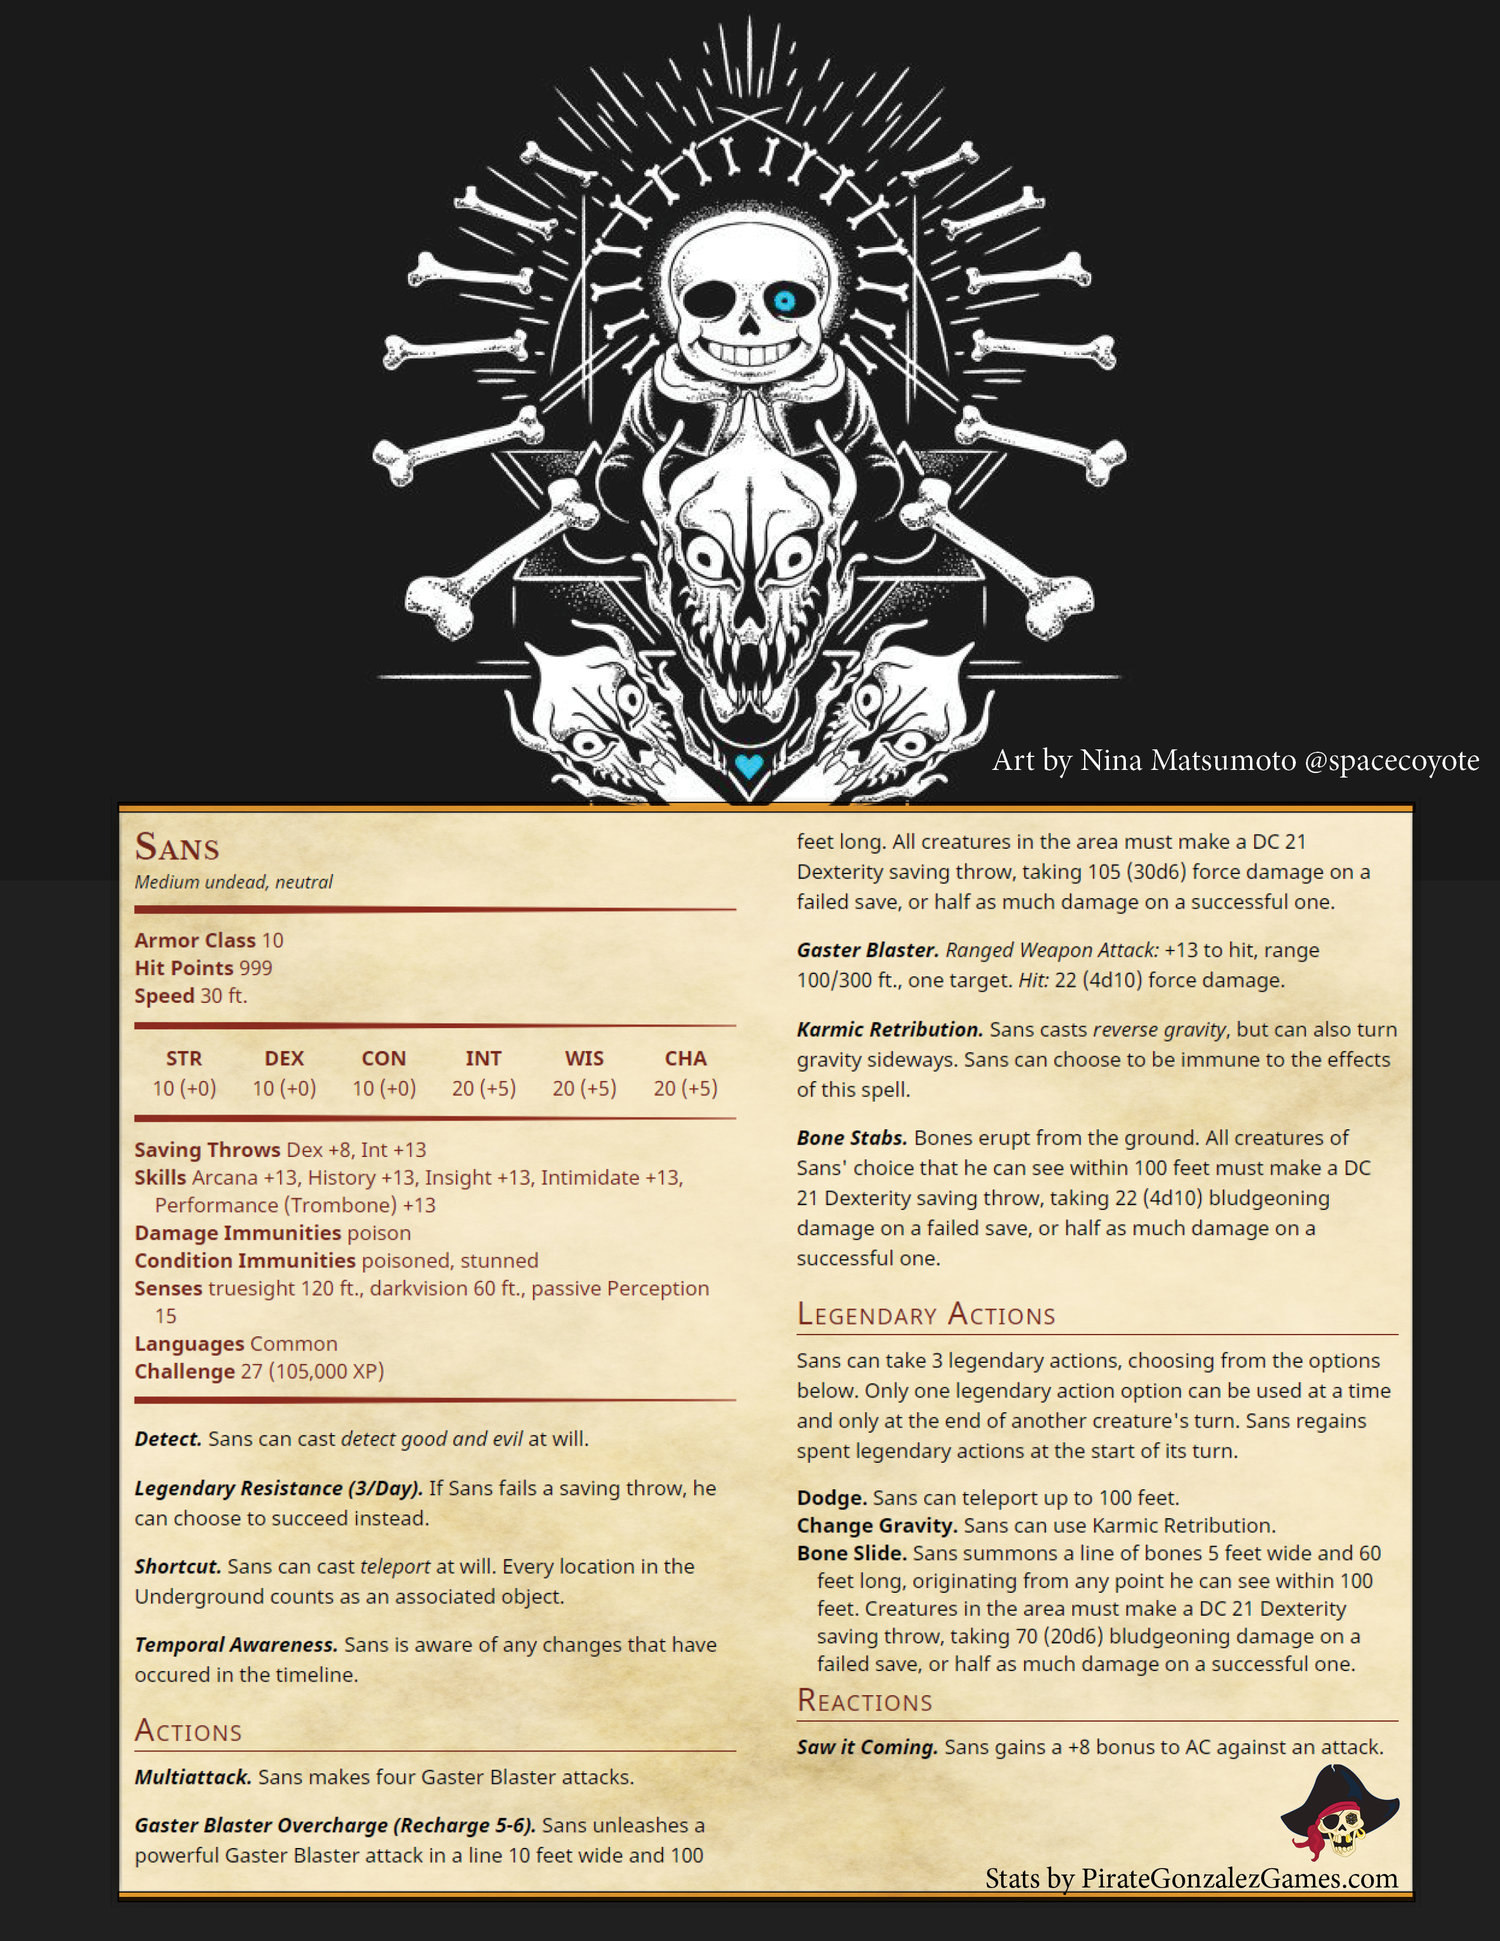 Undertale- Sans Stats — Pirate Gonzalez Games